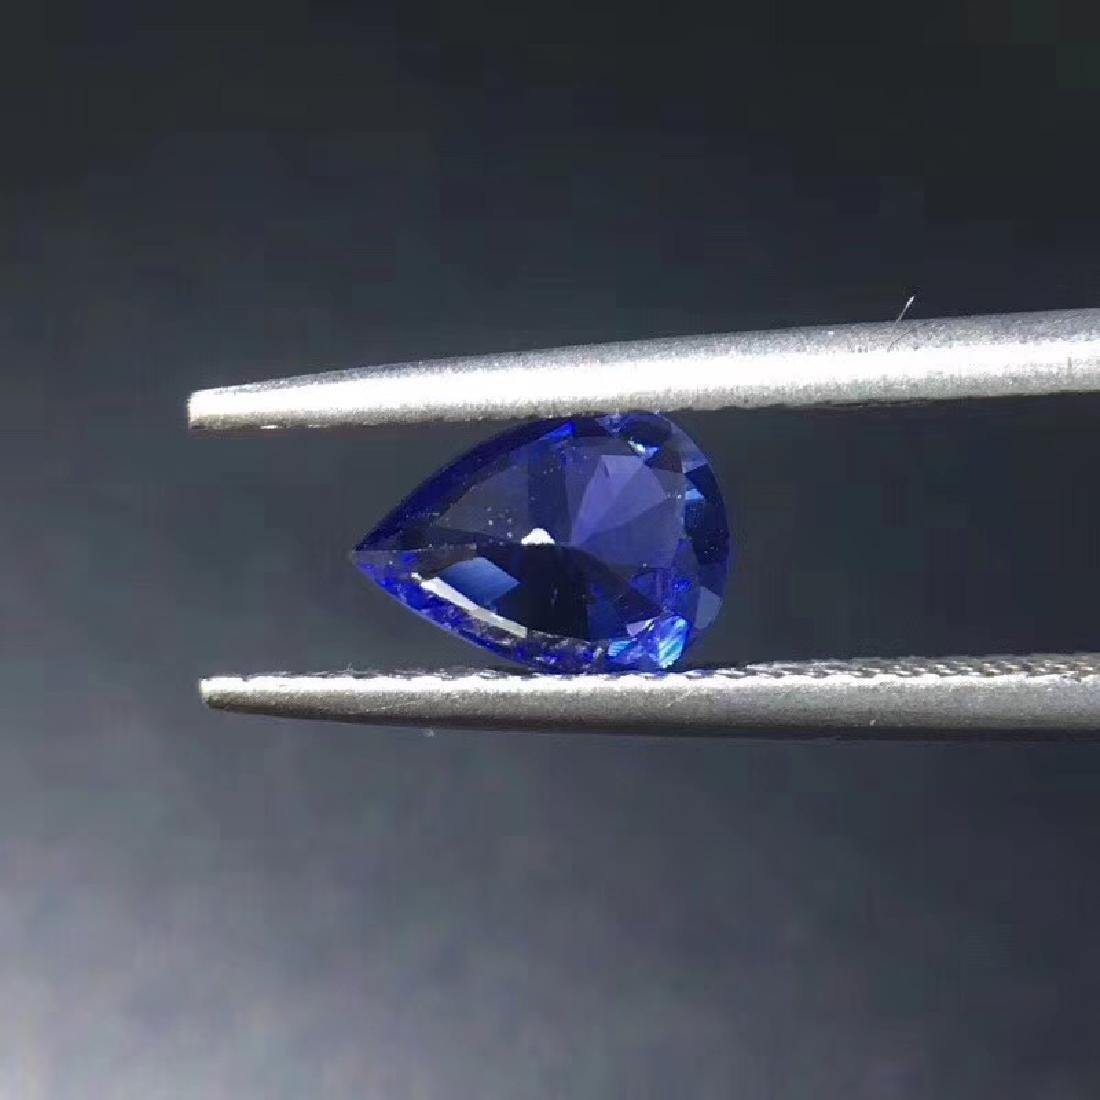 0.99 ct Sapphire 5.2*7.2*3.5 mm Pear Cut - 5